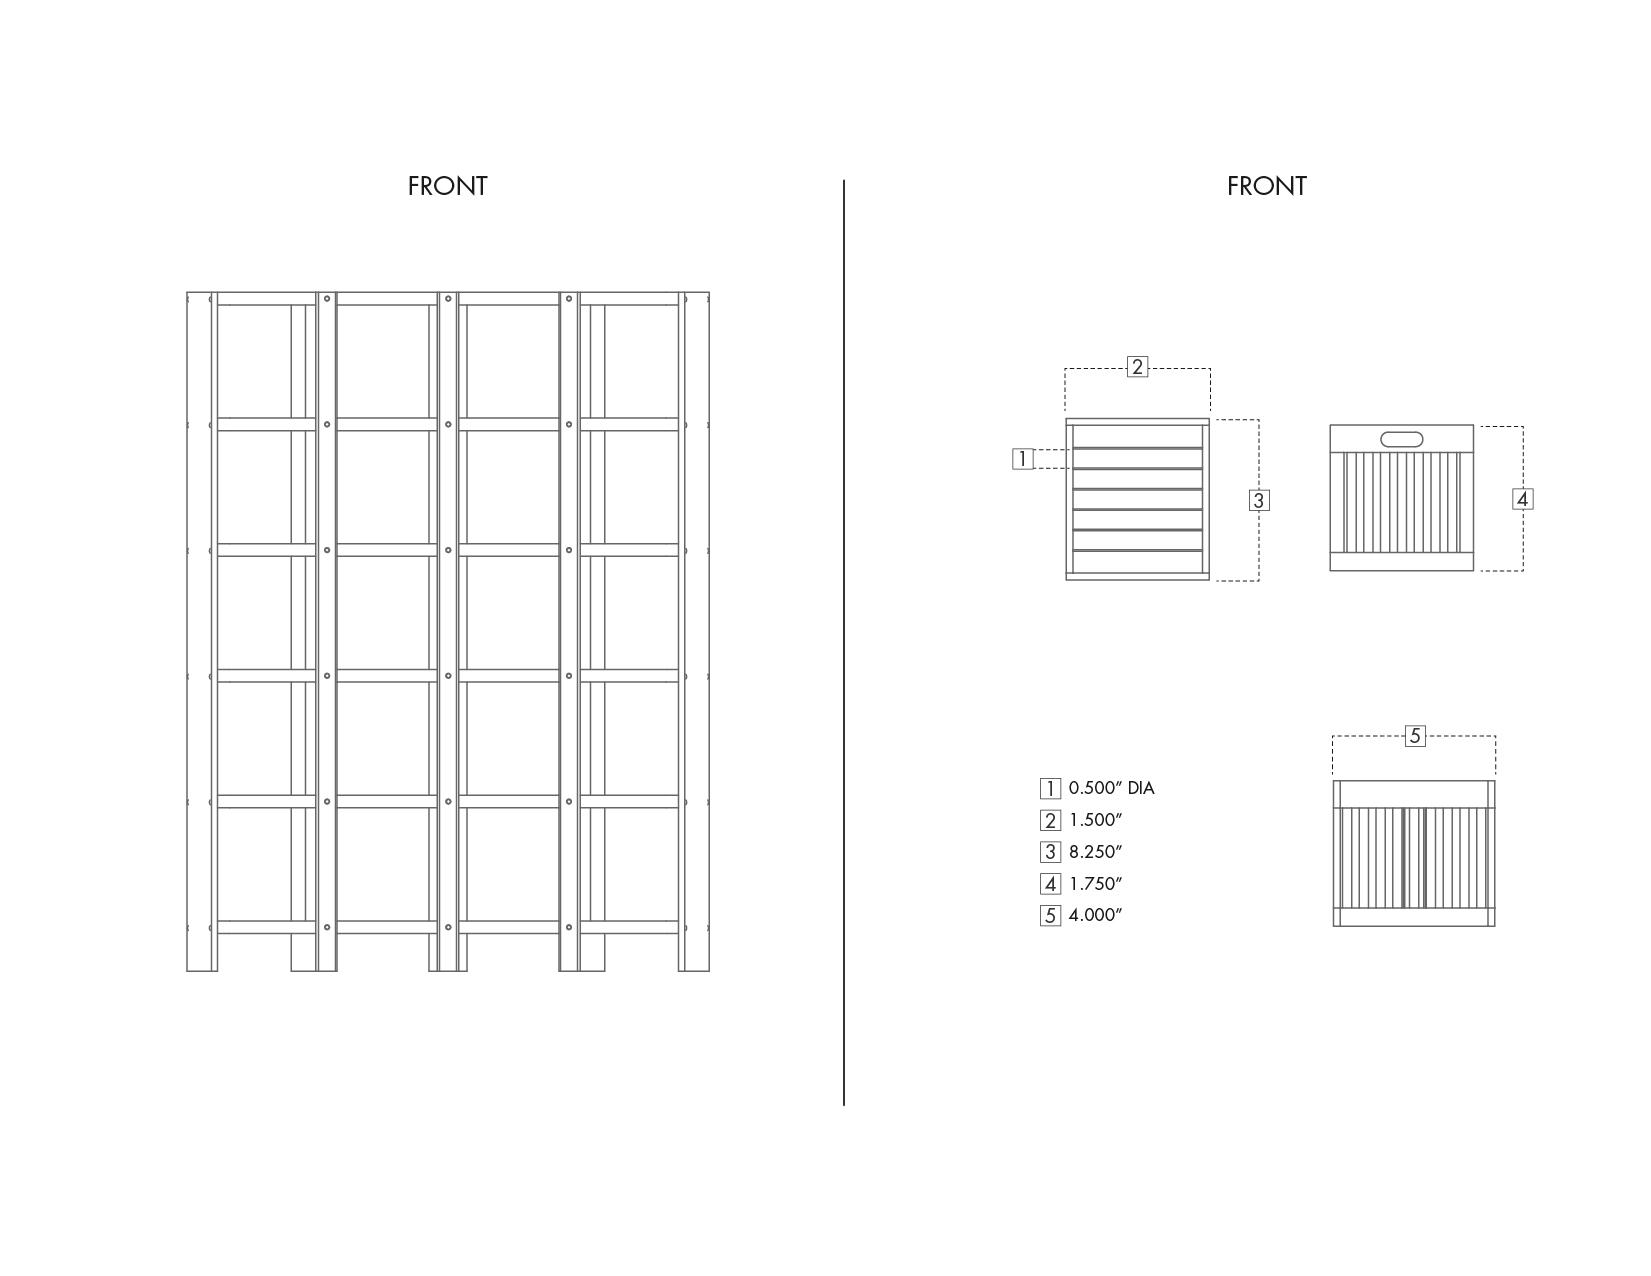 Jean display drawings-10.jpg